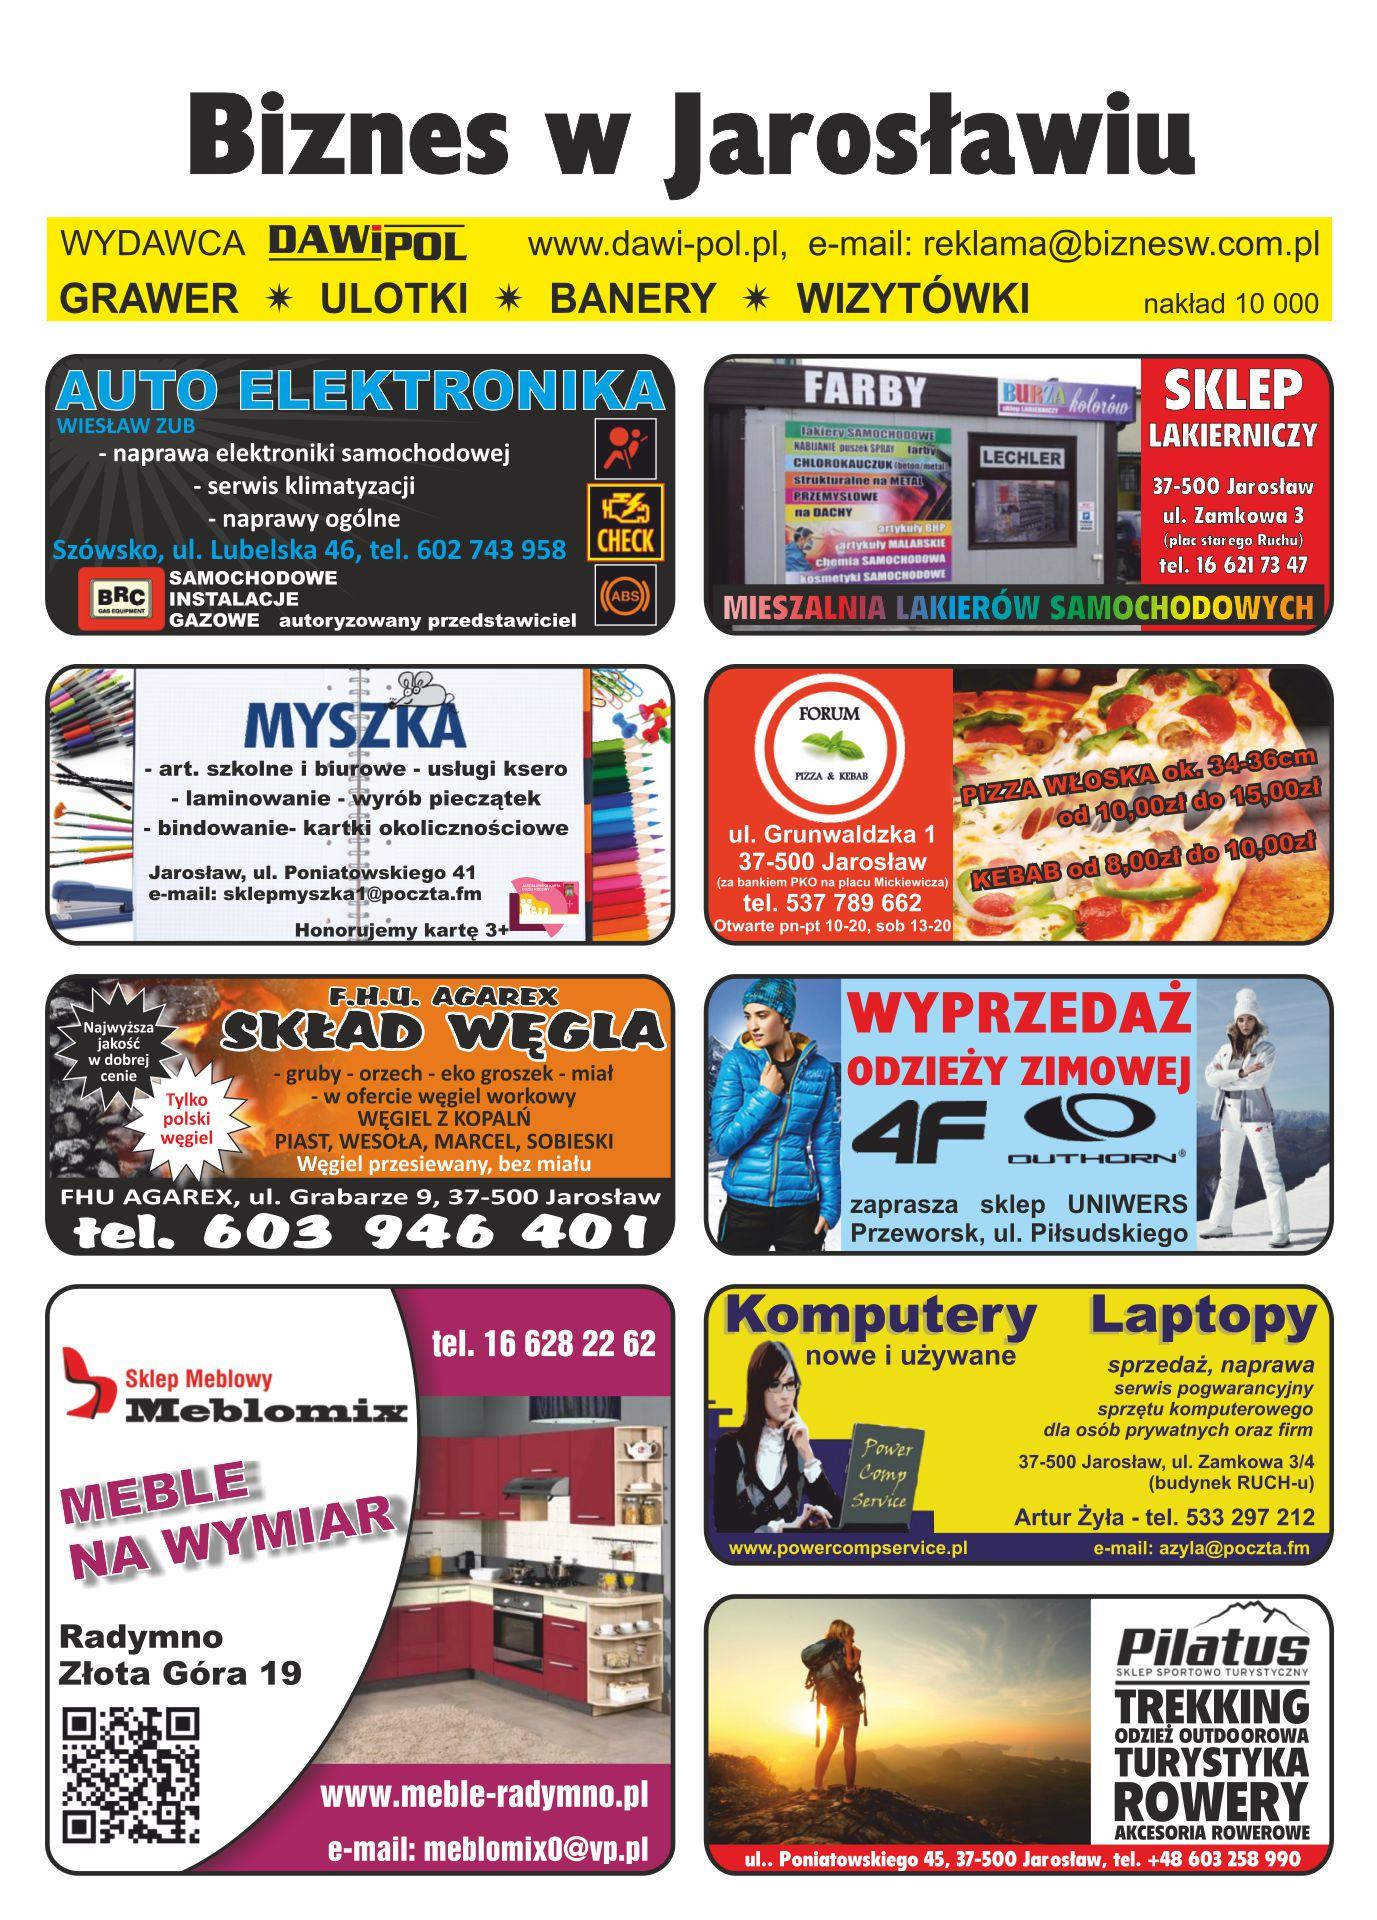 ulotki: biznes w jarosławiu